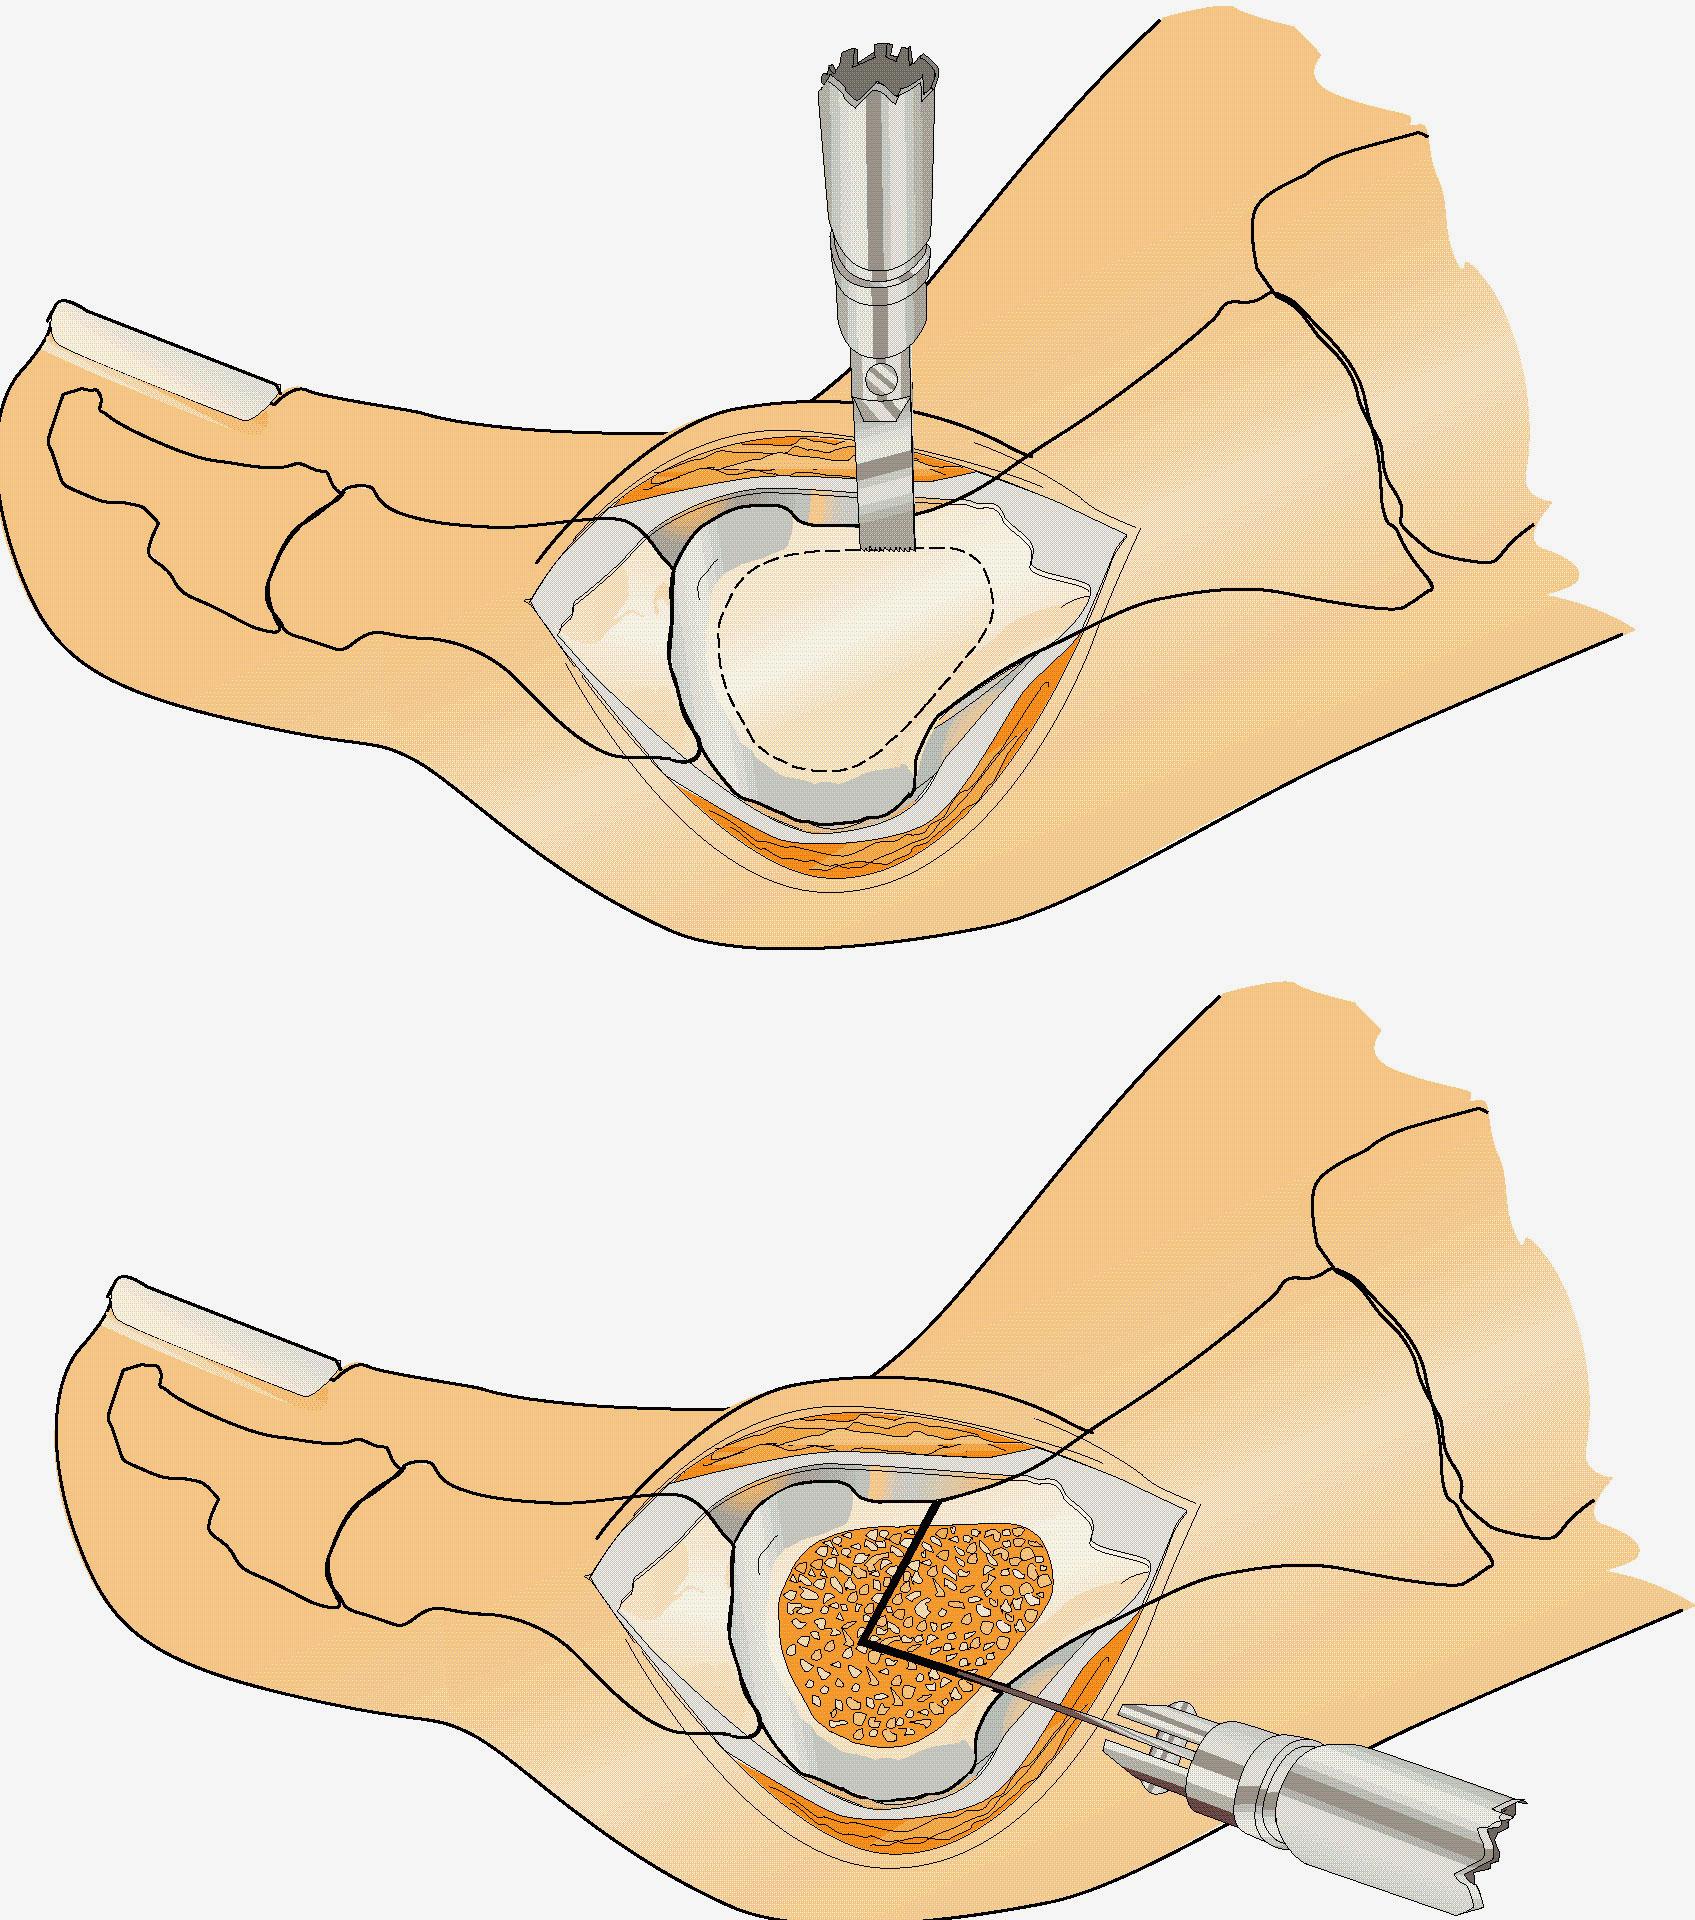 nageltrång operation läkningstid